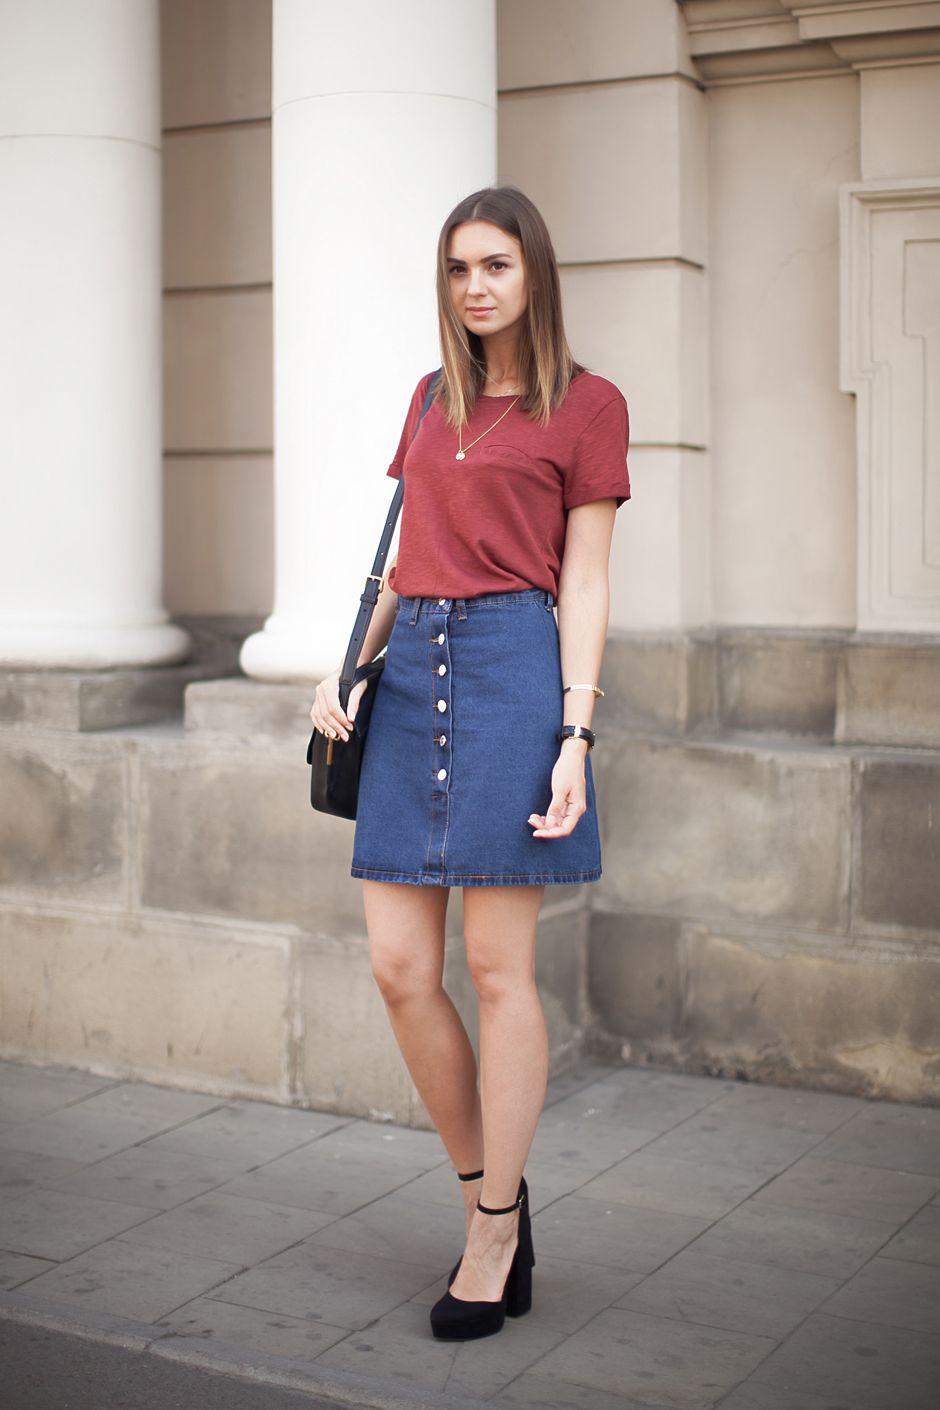 Denim Skirt Outfit Ideas Summer